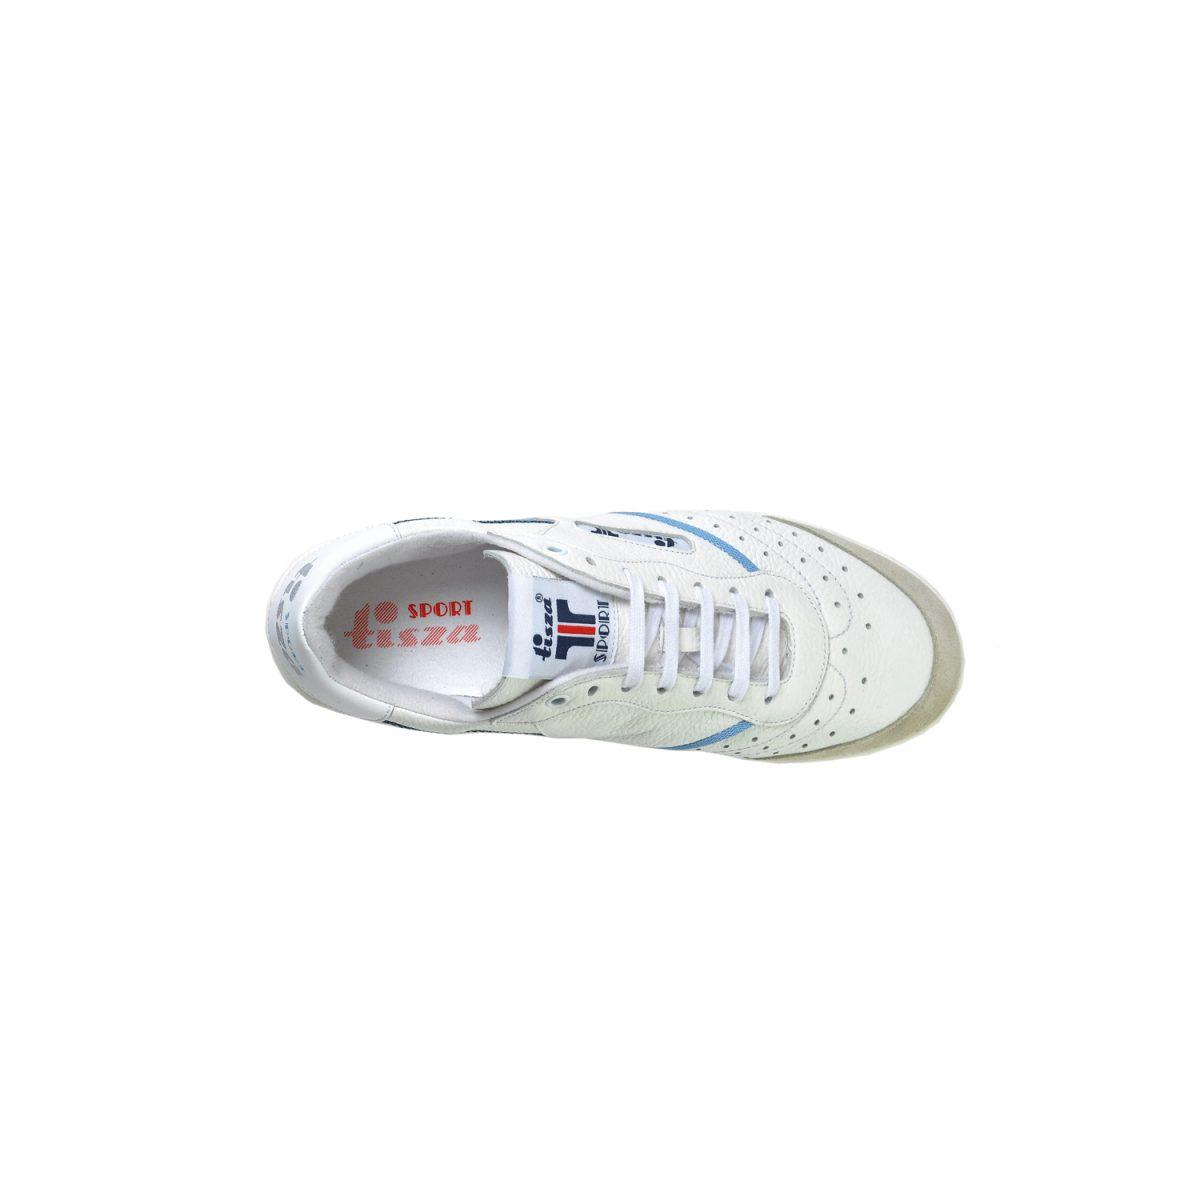 Tisza cipő - Sport - Fehér-kék